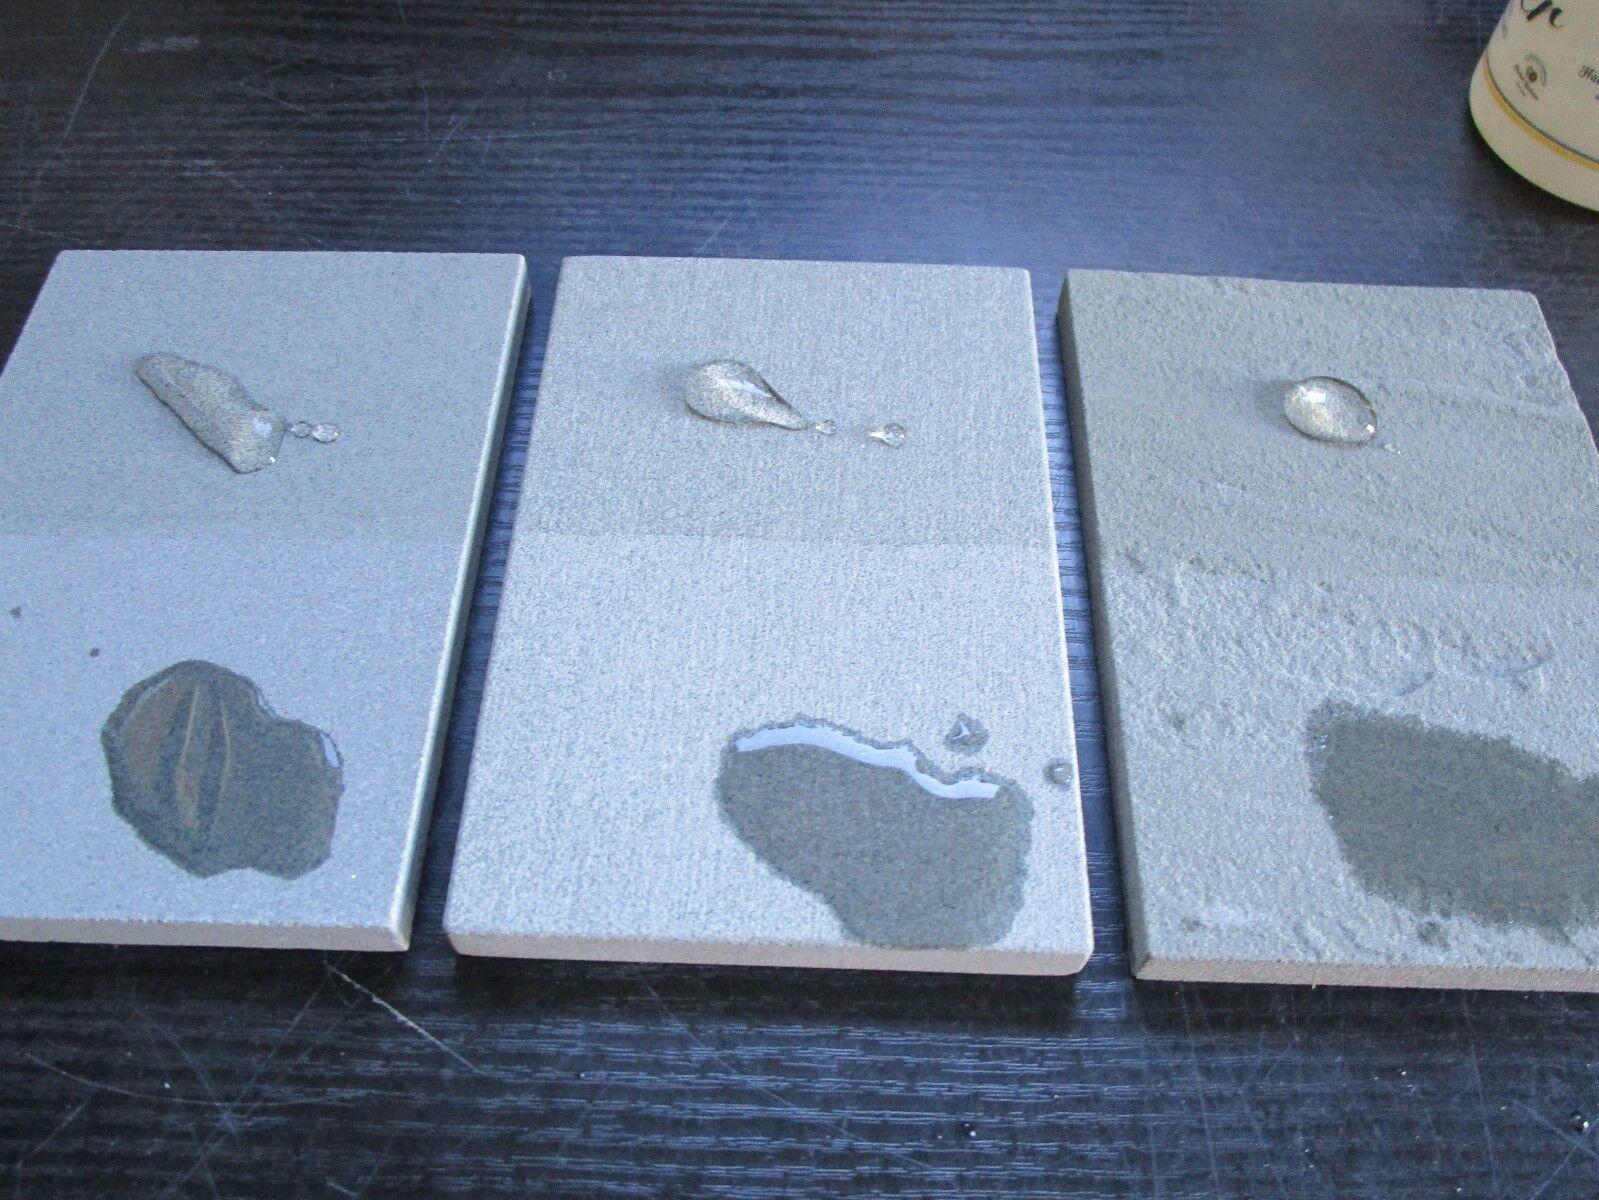 Lösungsmittelfreie Imprägnierung für Natur- u Betonstein, Klinker, Pflaster